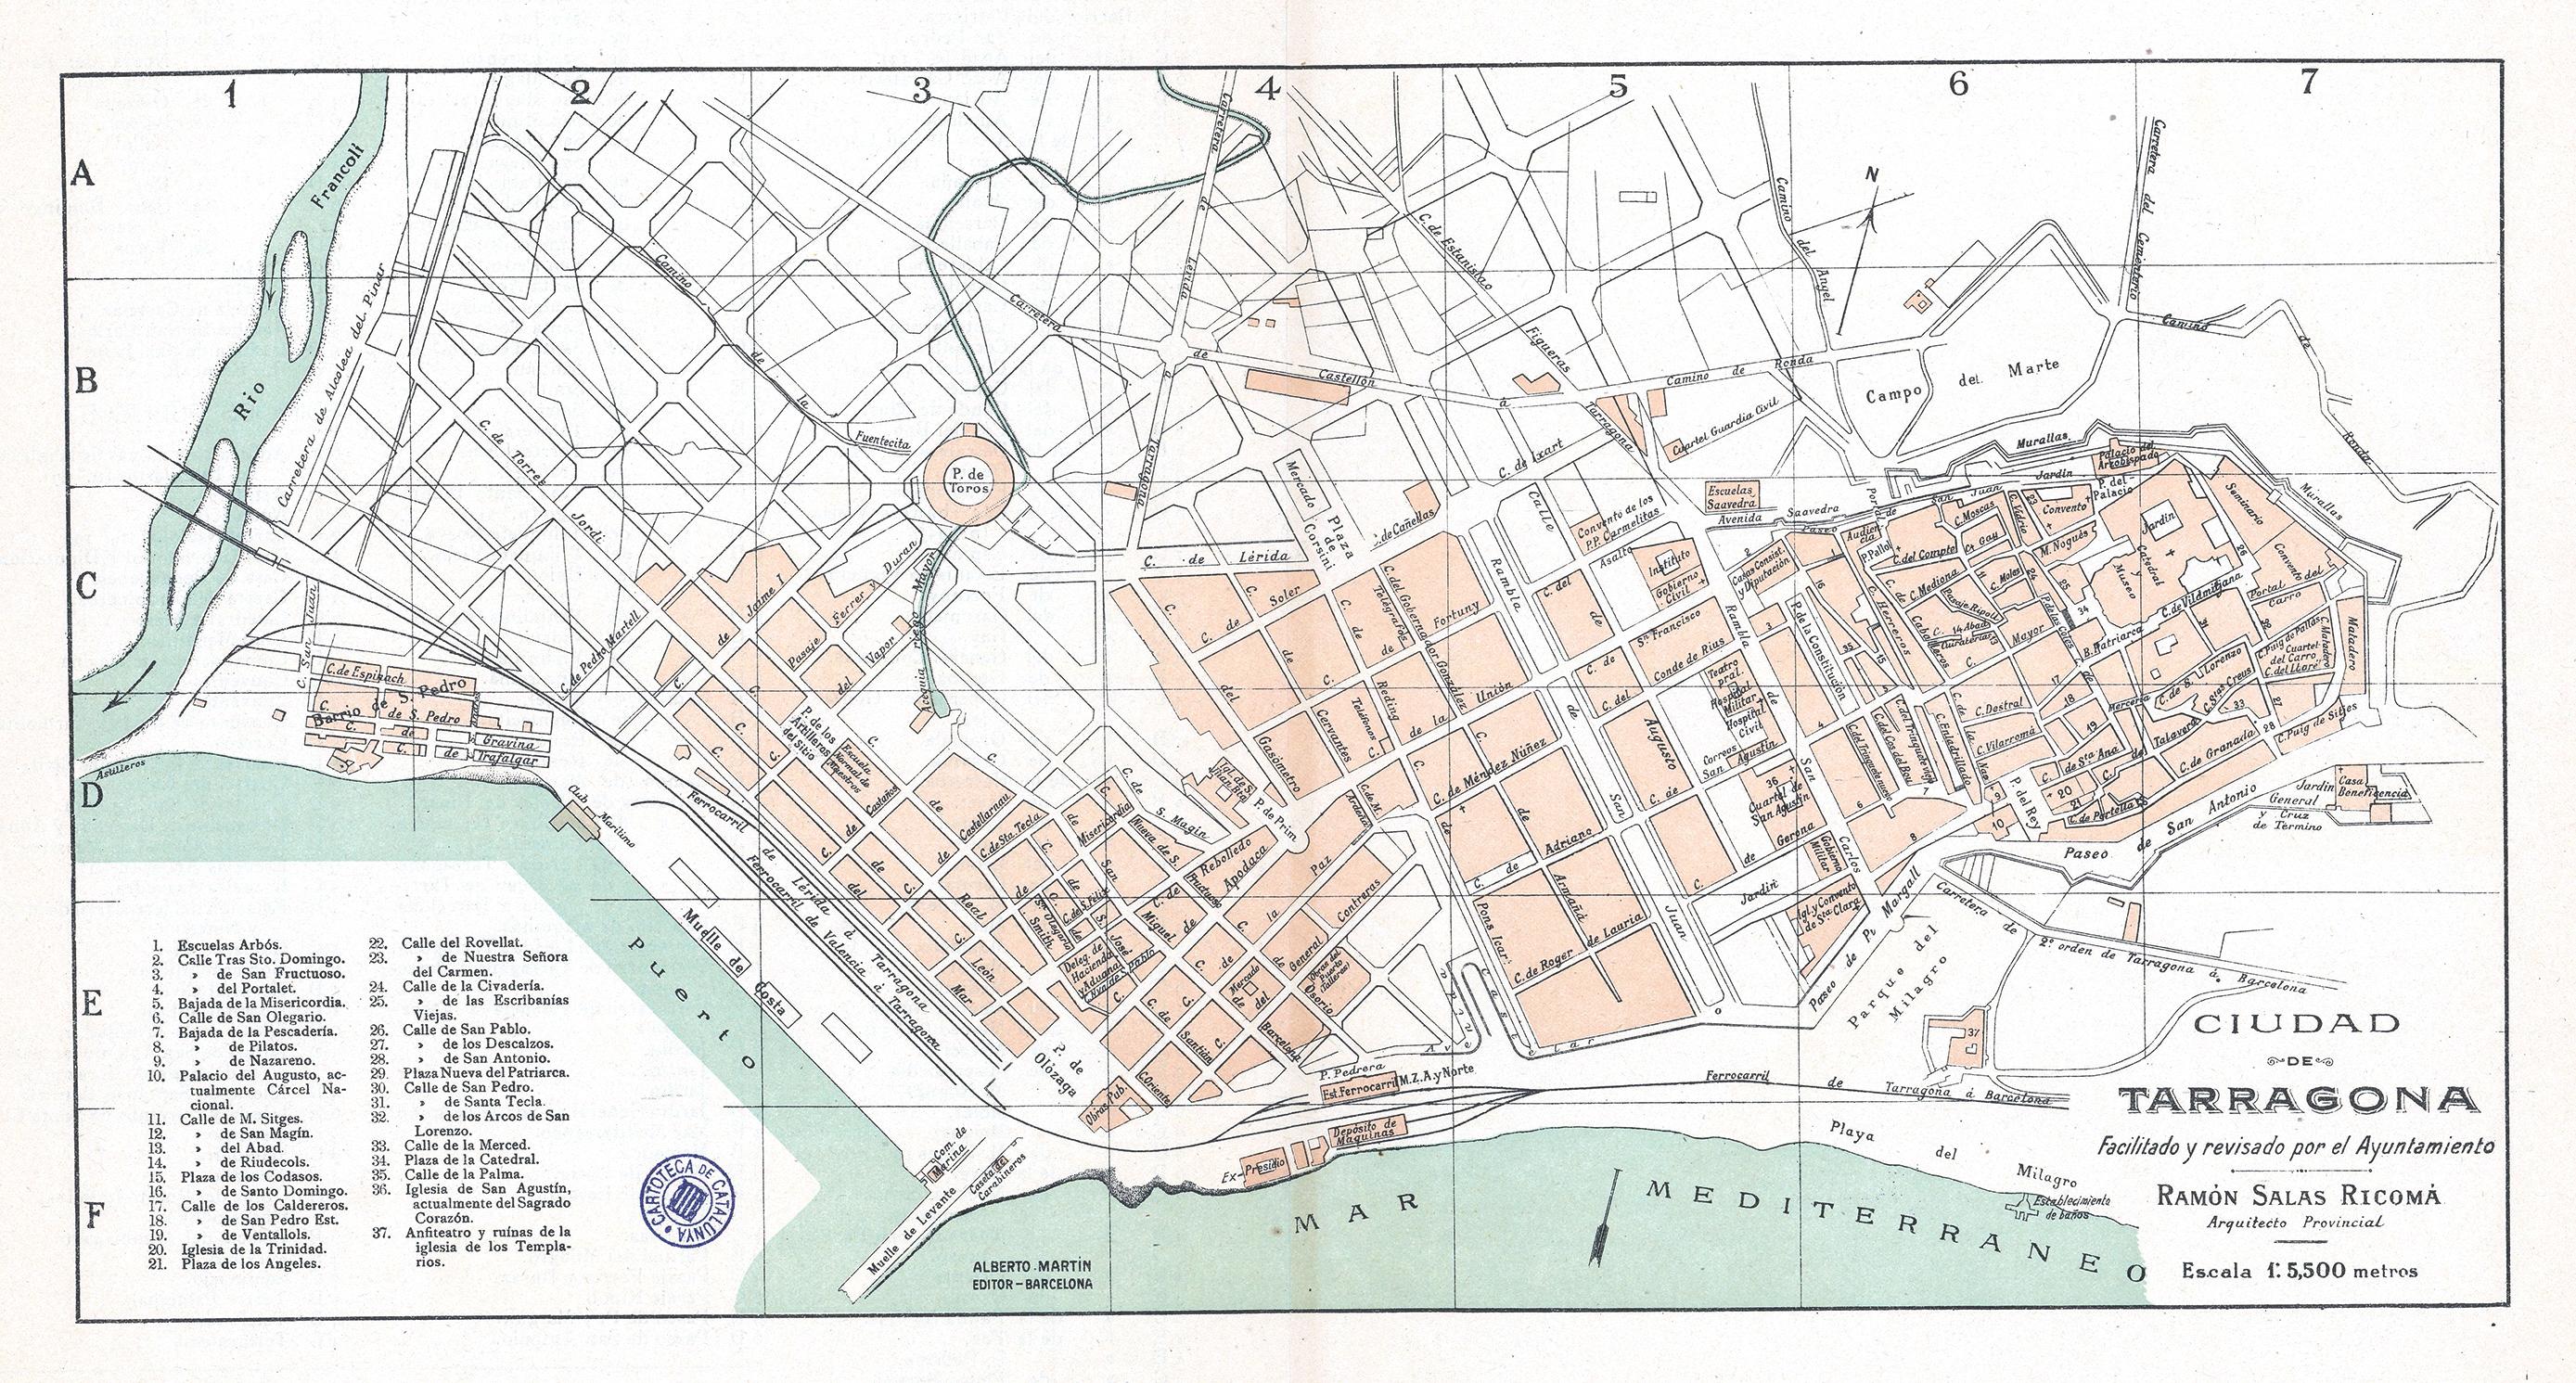 Plano de la ciudad de Tarragona 1900